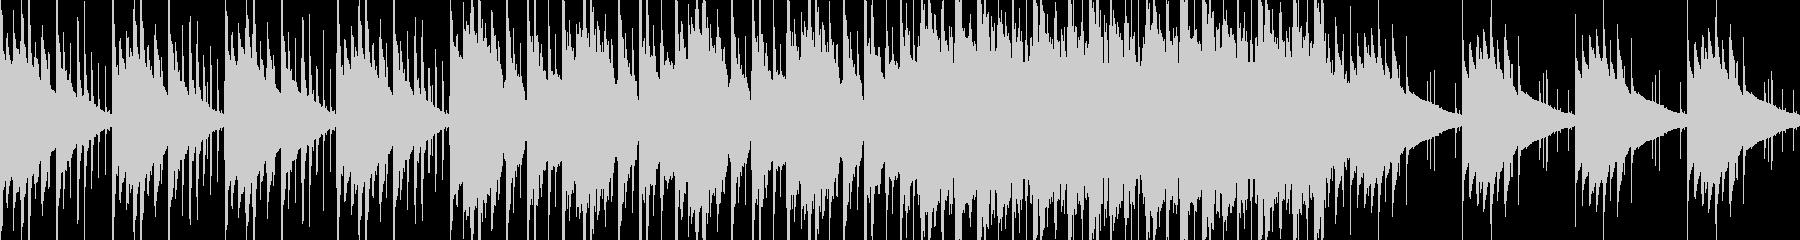 妖しい雰囲気の民族音楽風BGMの未再生の波形